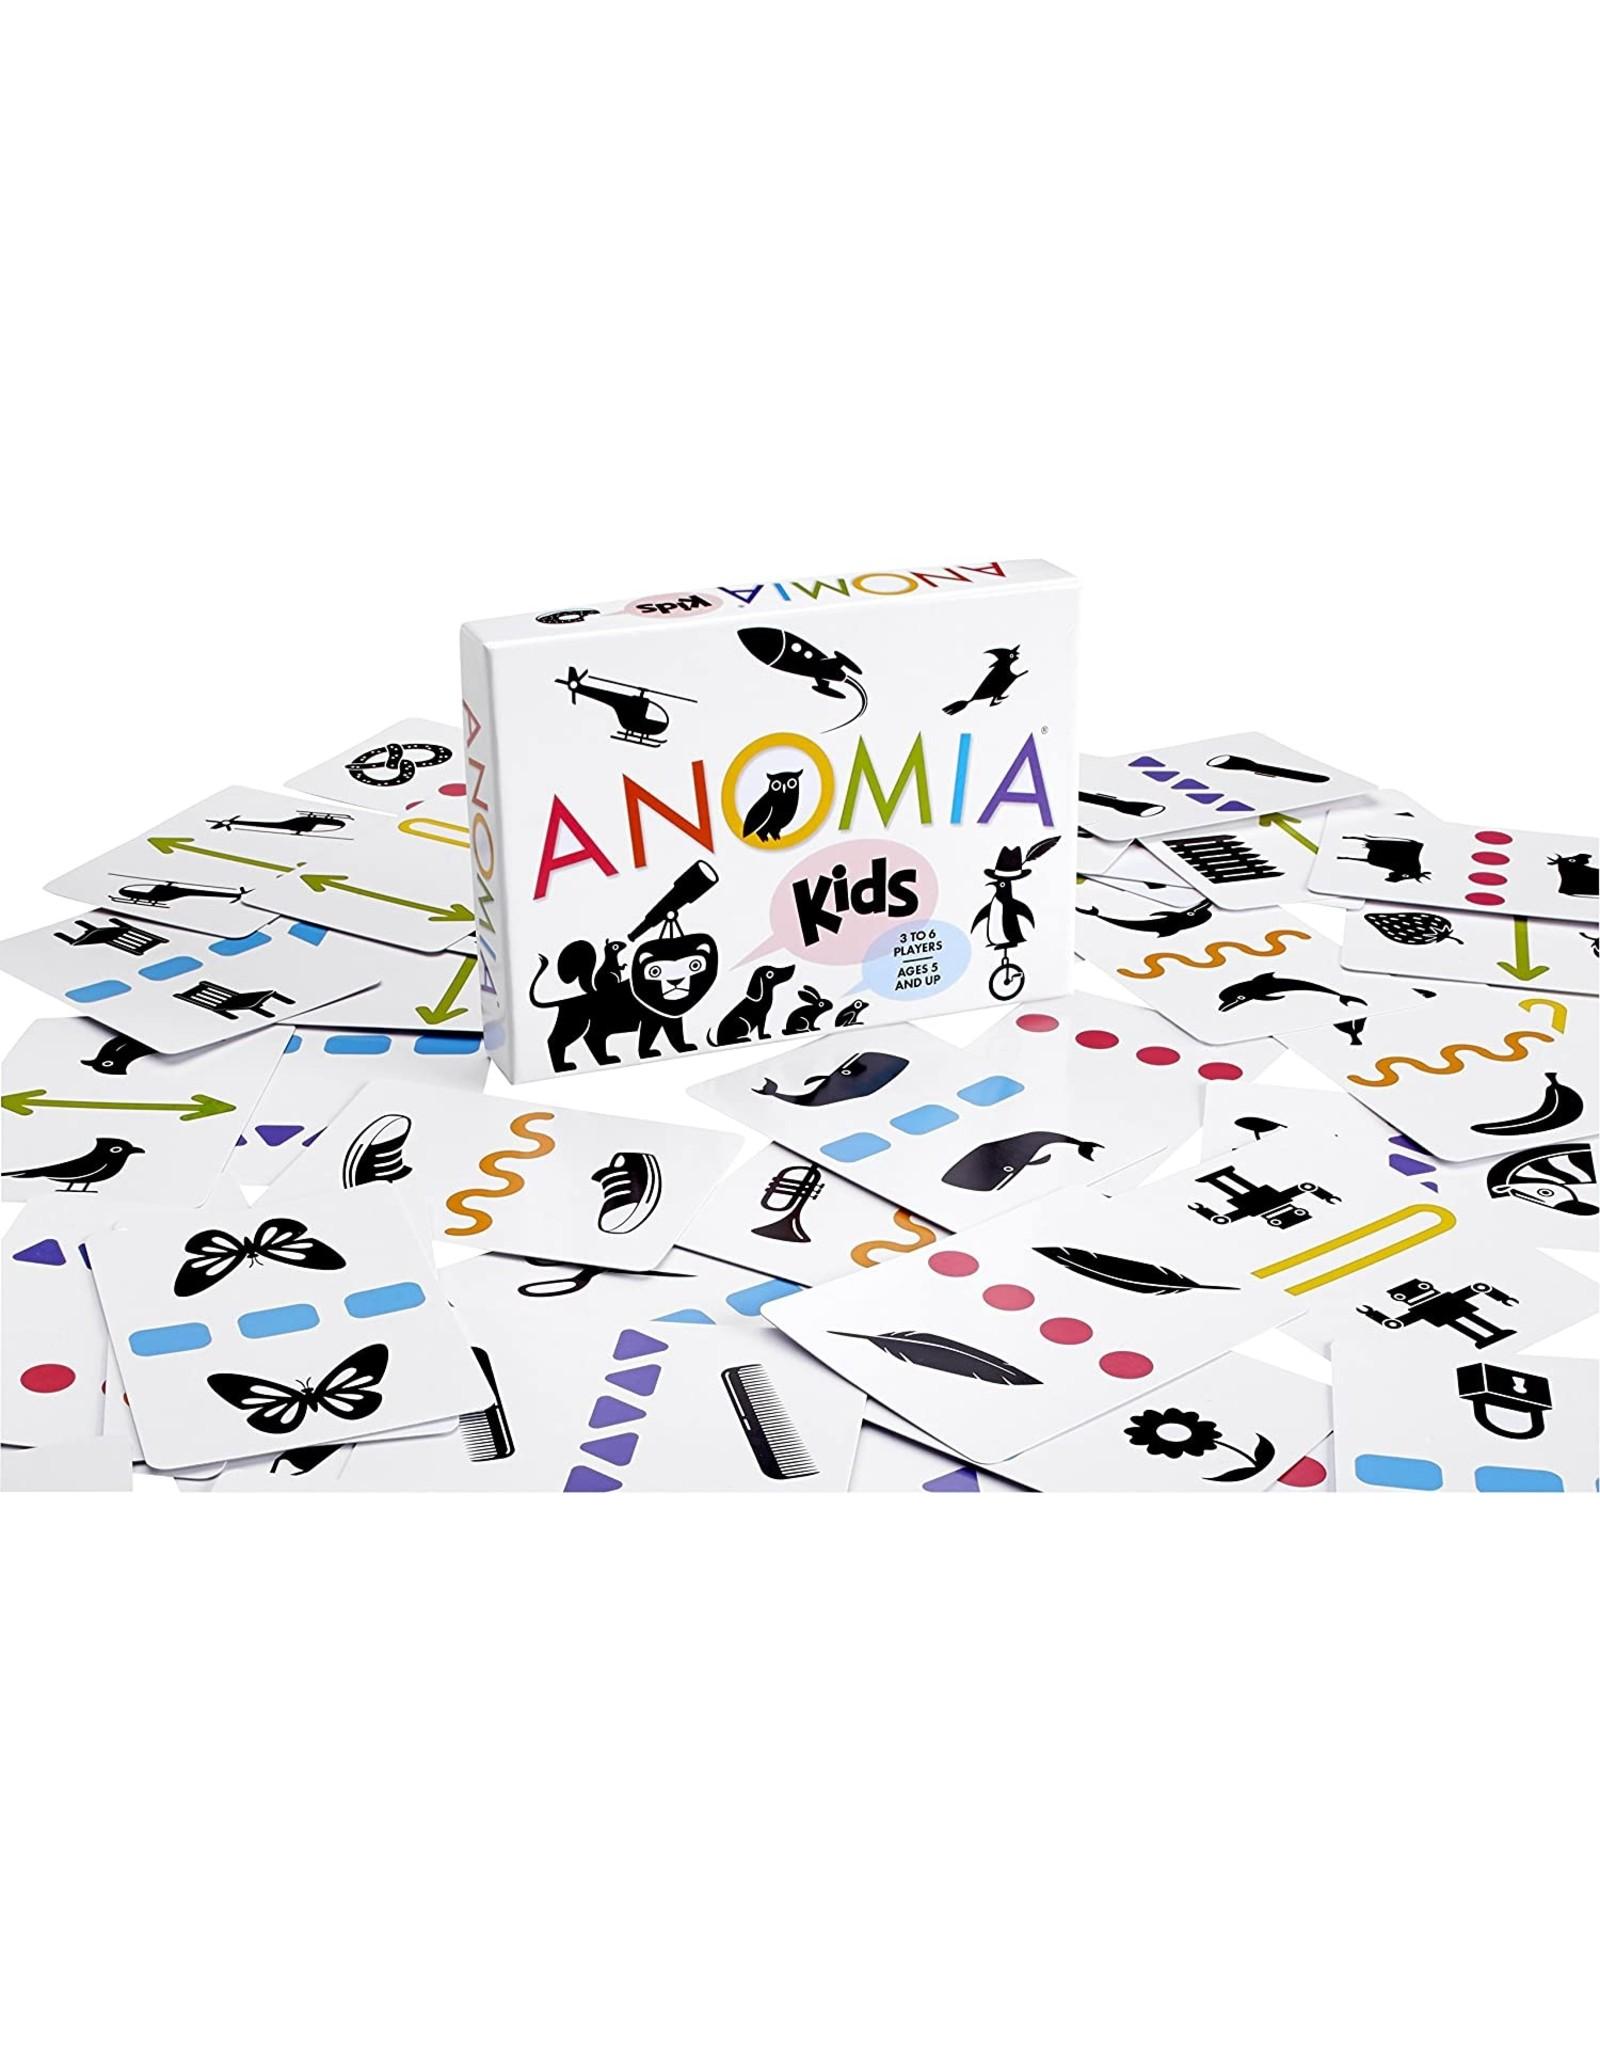 Anomia Press Anomia - Kids